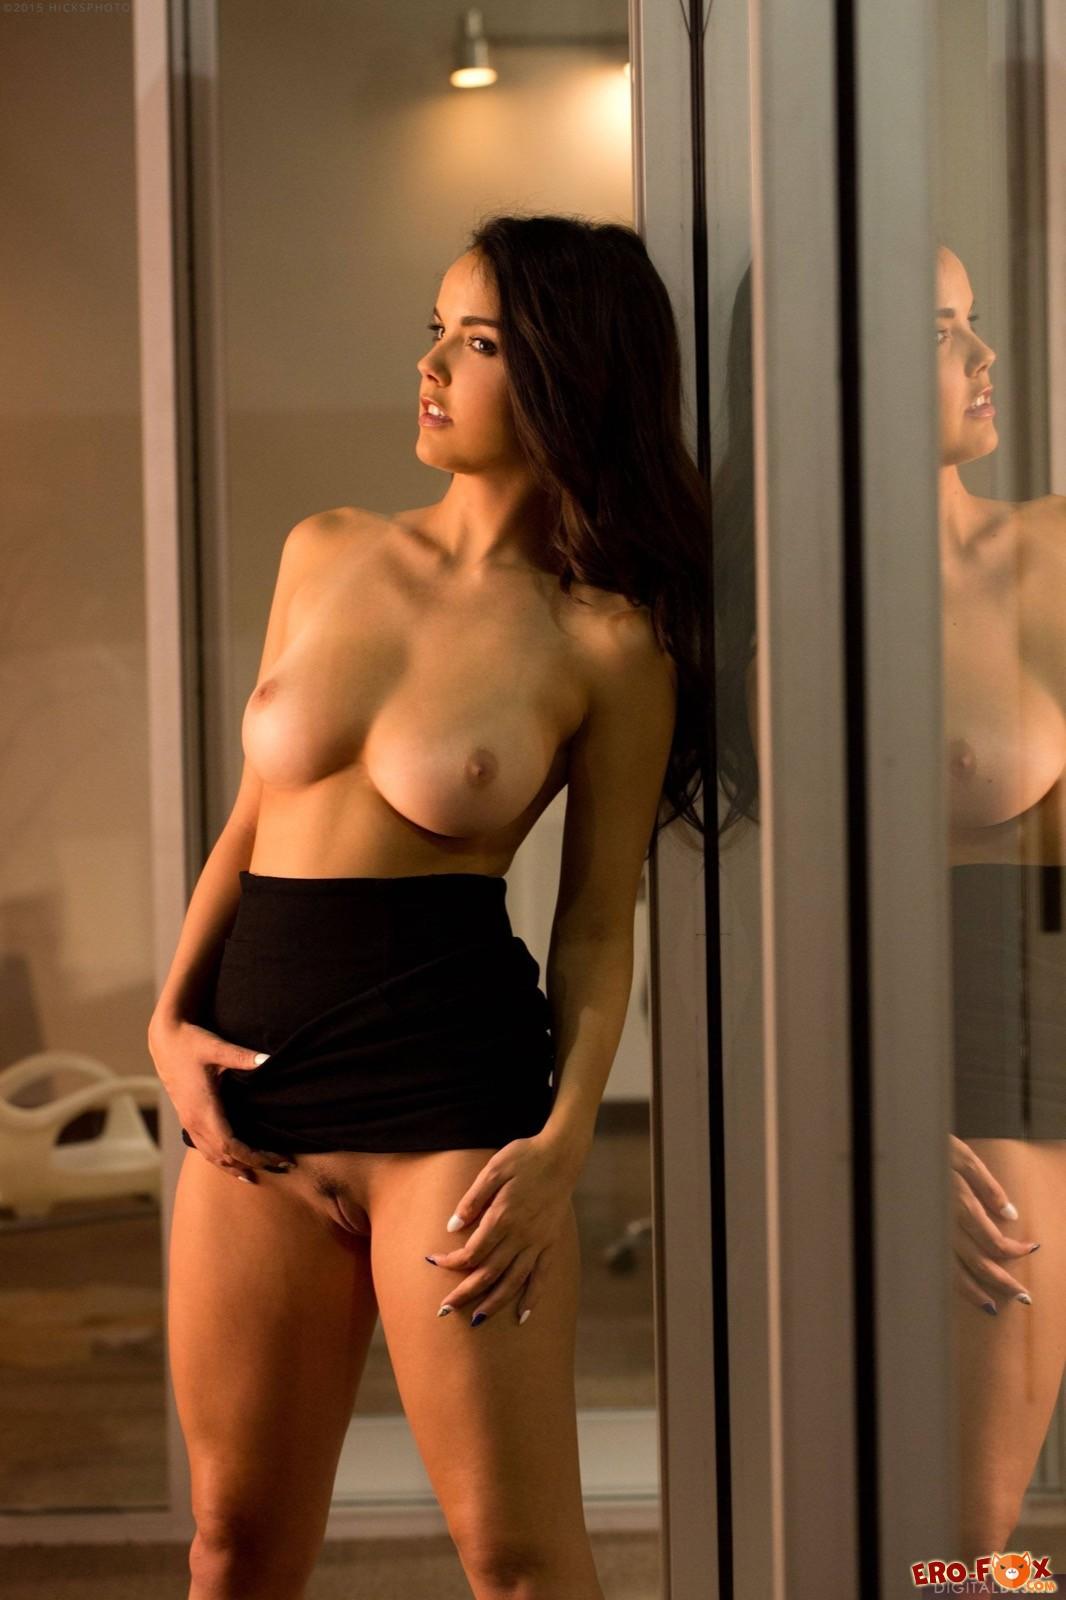 Развратная секретарша сексуально оголяется в офисе